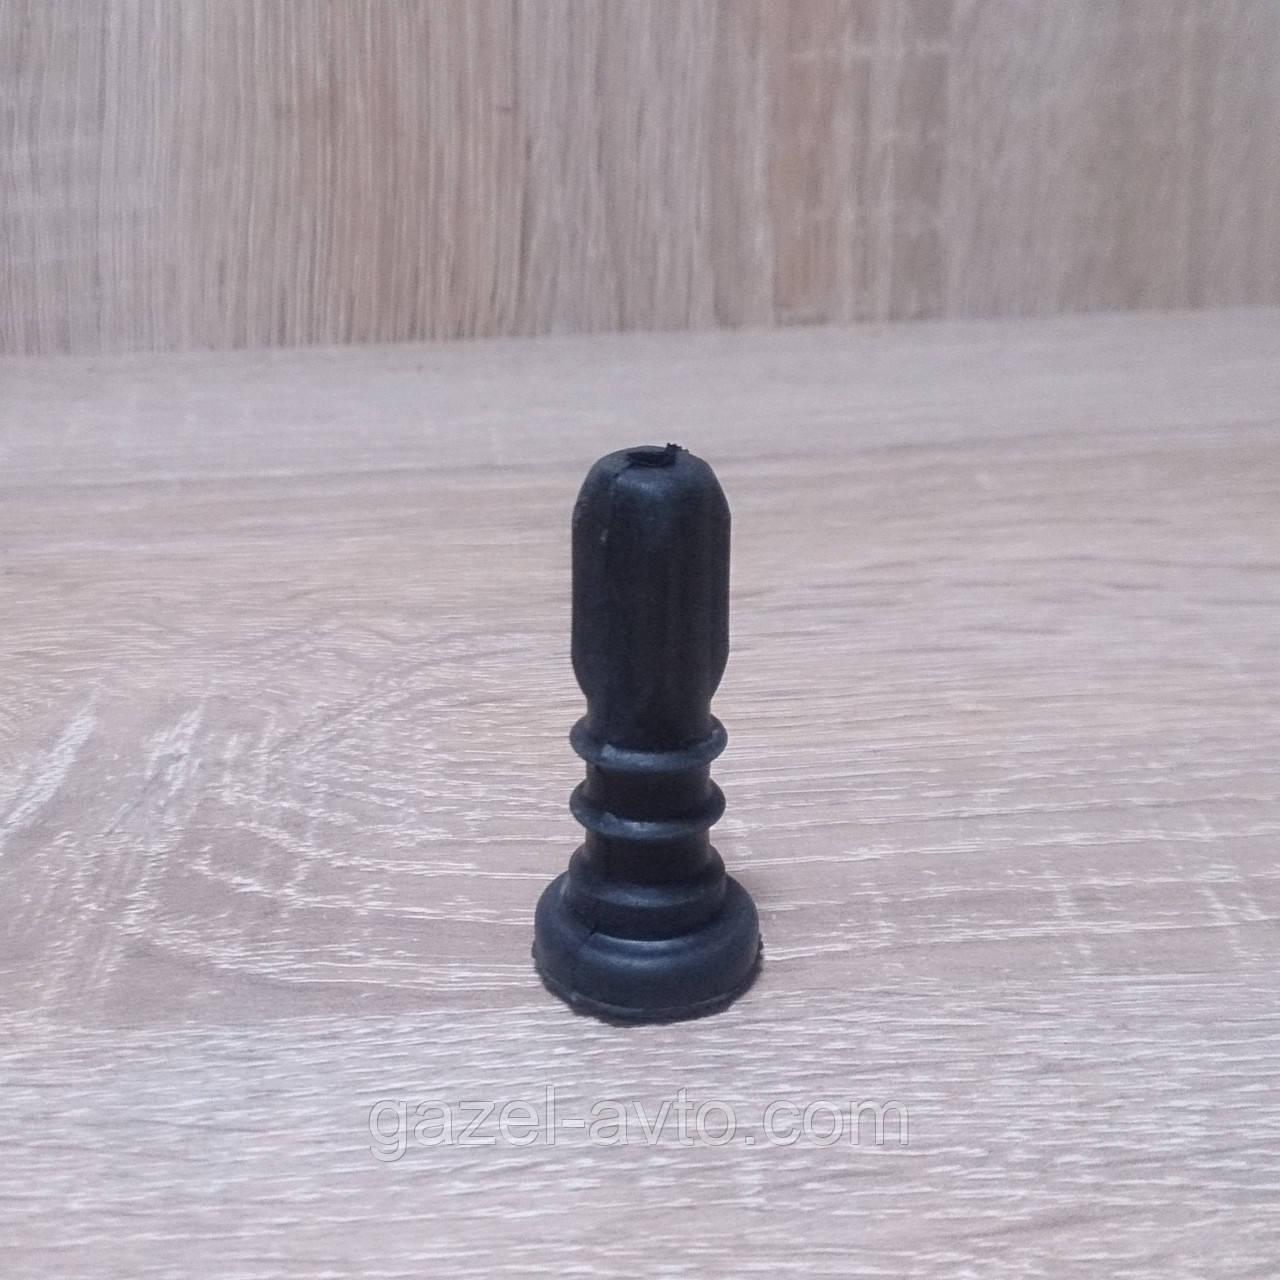 Уплотнитель щупа масла Газель,УАЗ дв. 4215 (пр-во Россия)